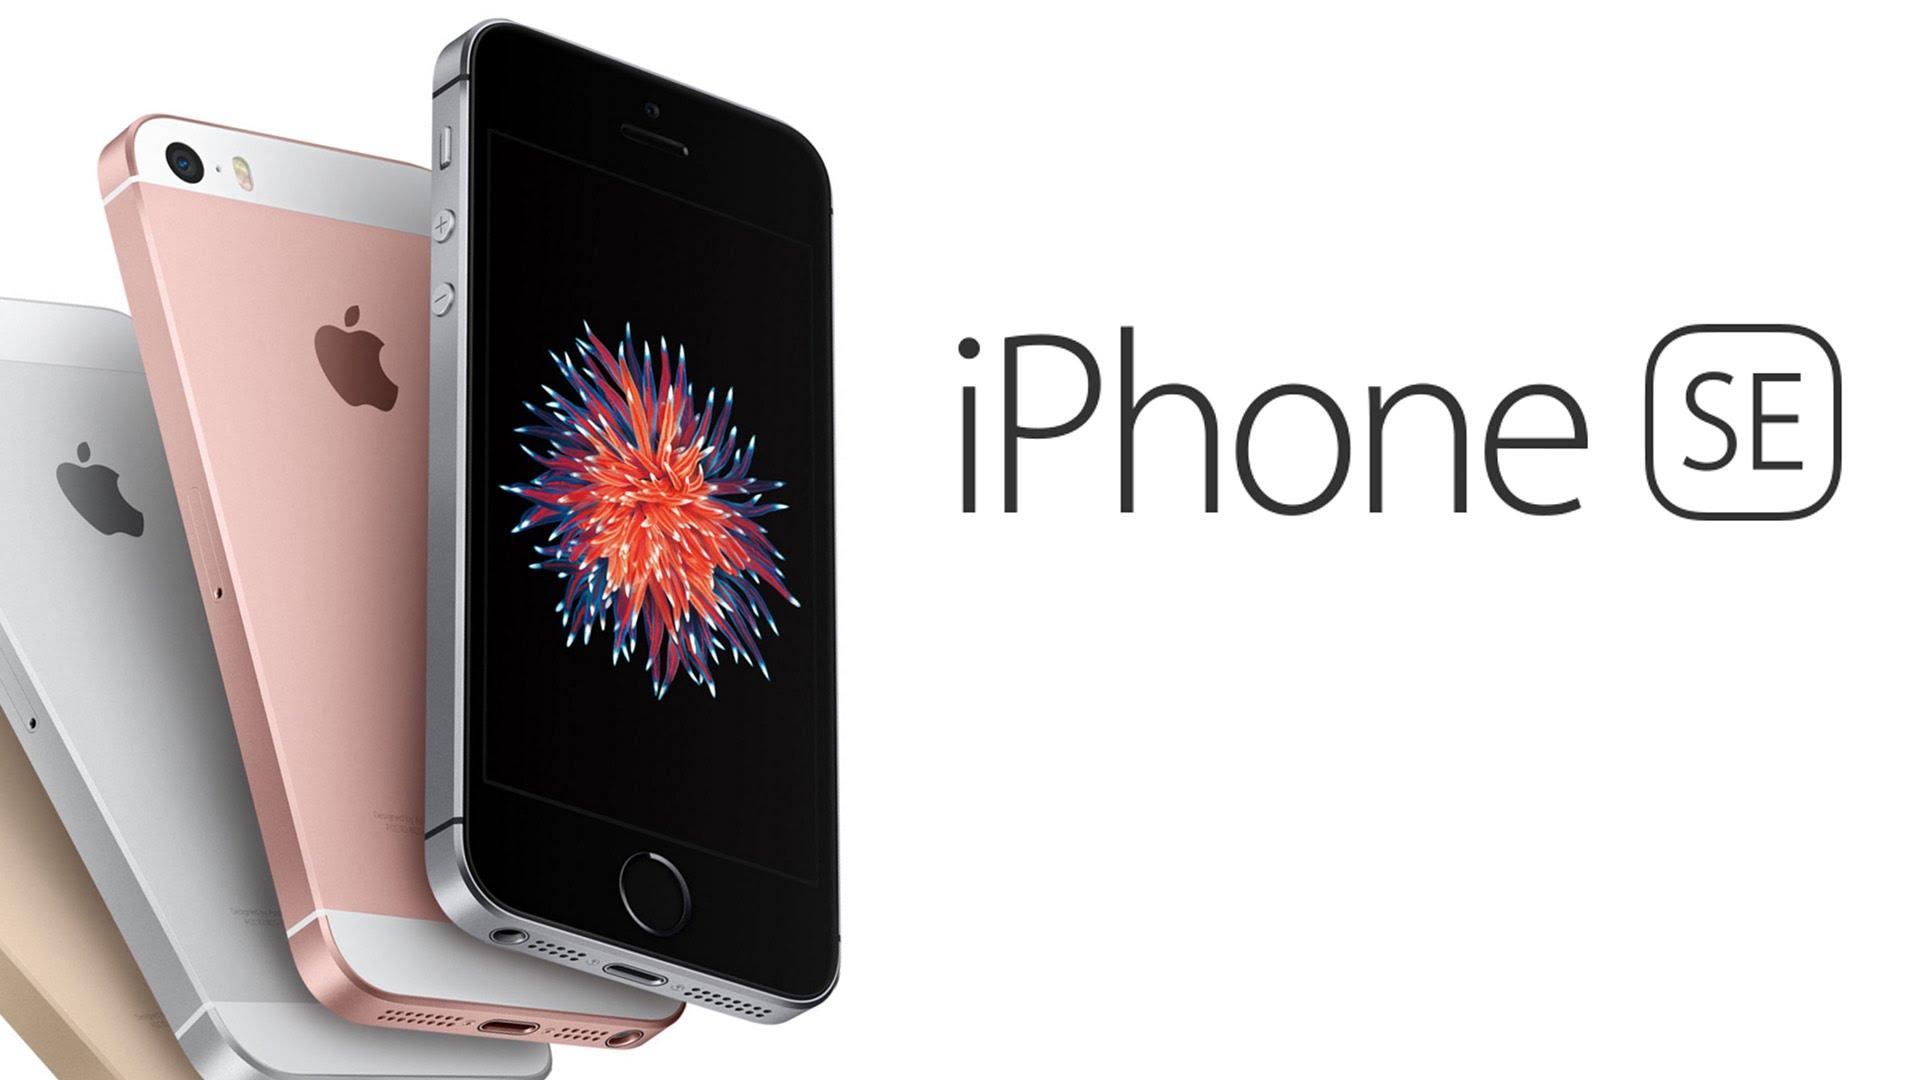 iPhone SE abandona las versiones de 16 y 64 GB